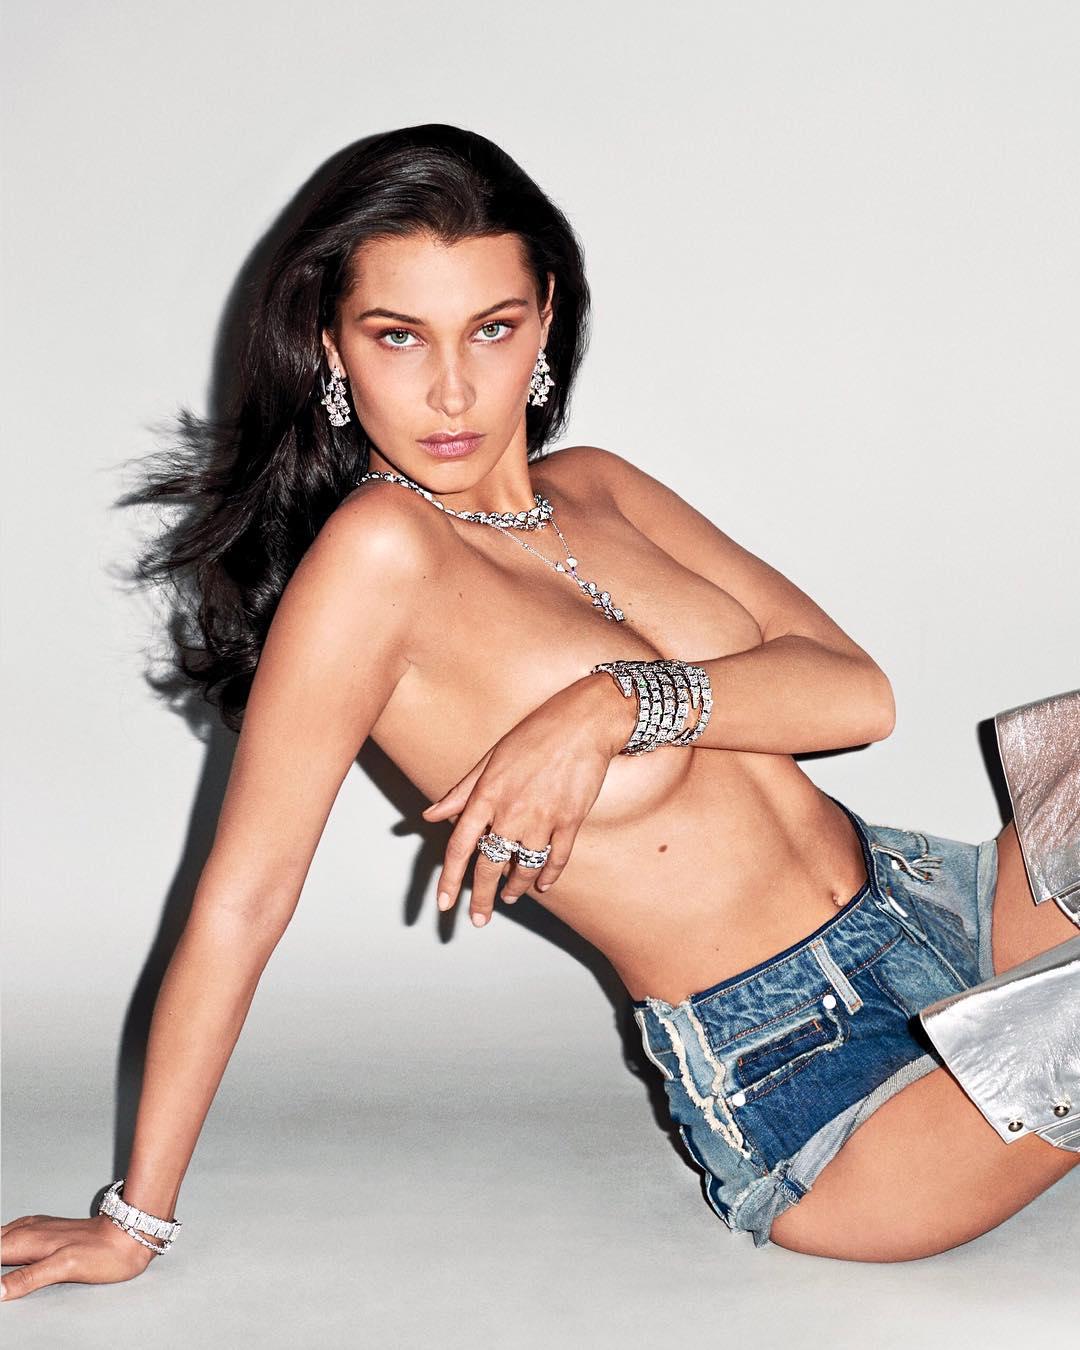 Hasil gambar untuk bella hadid nude poses